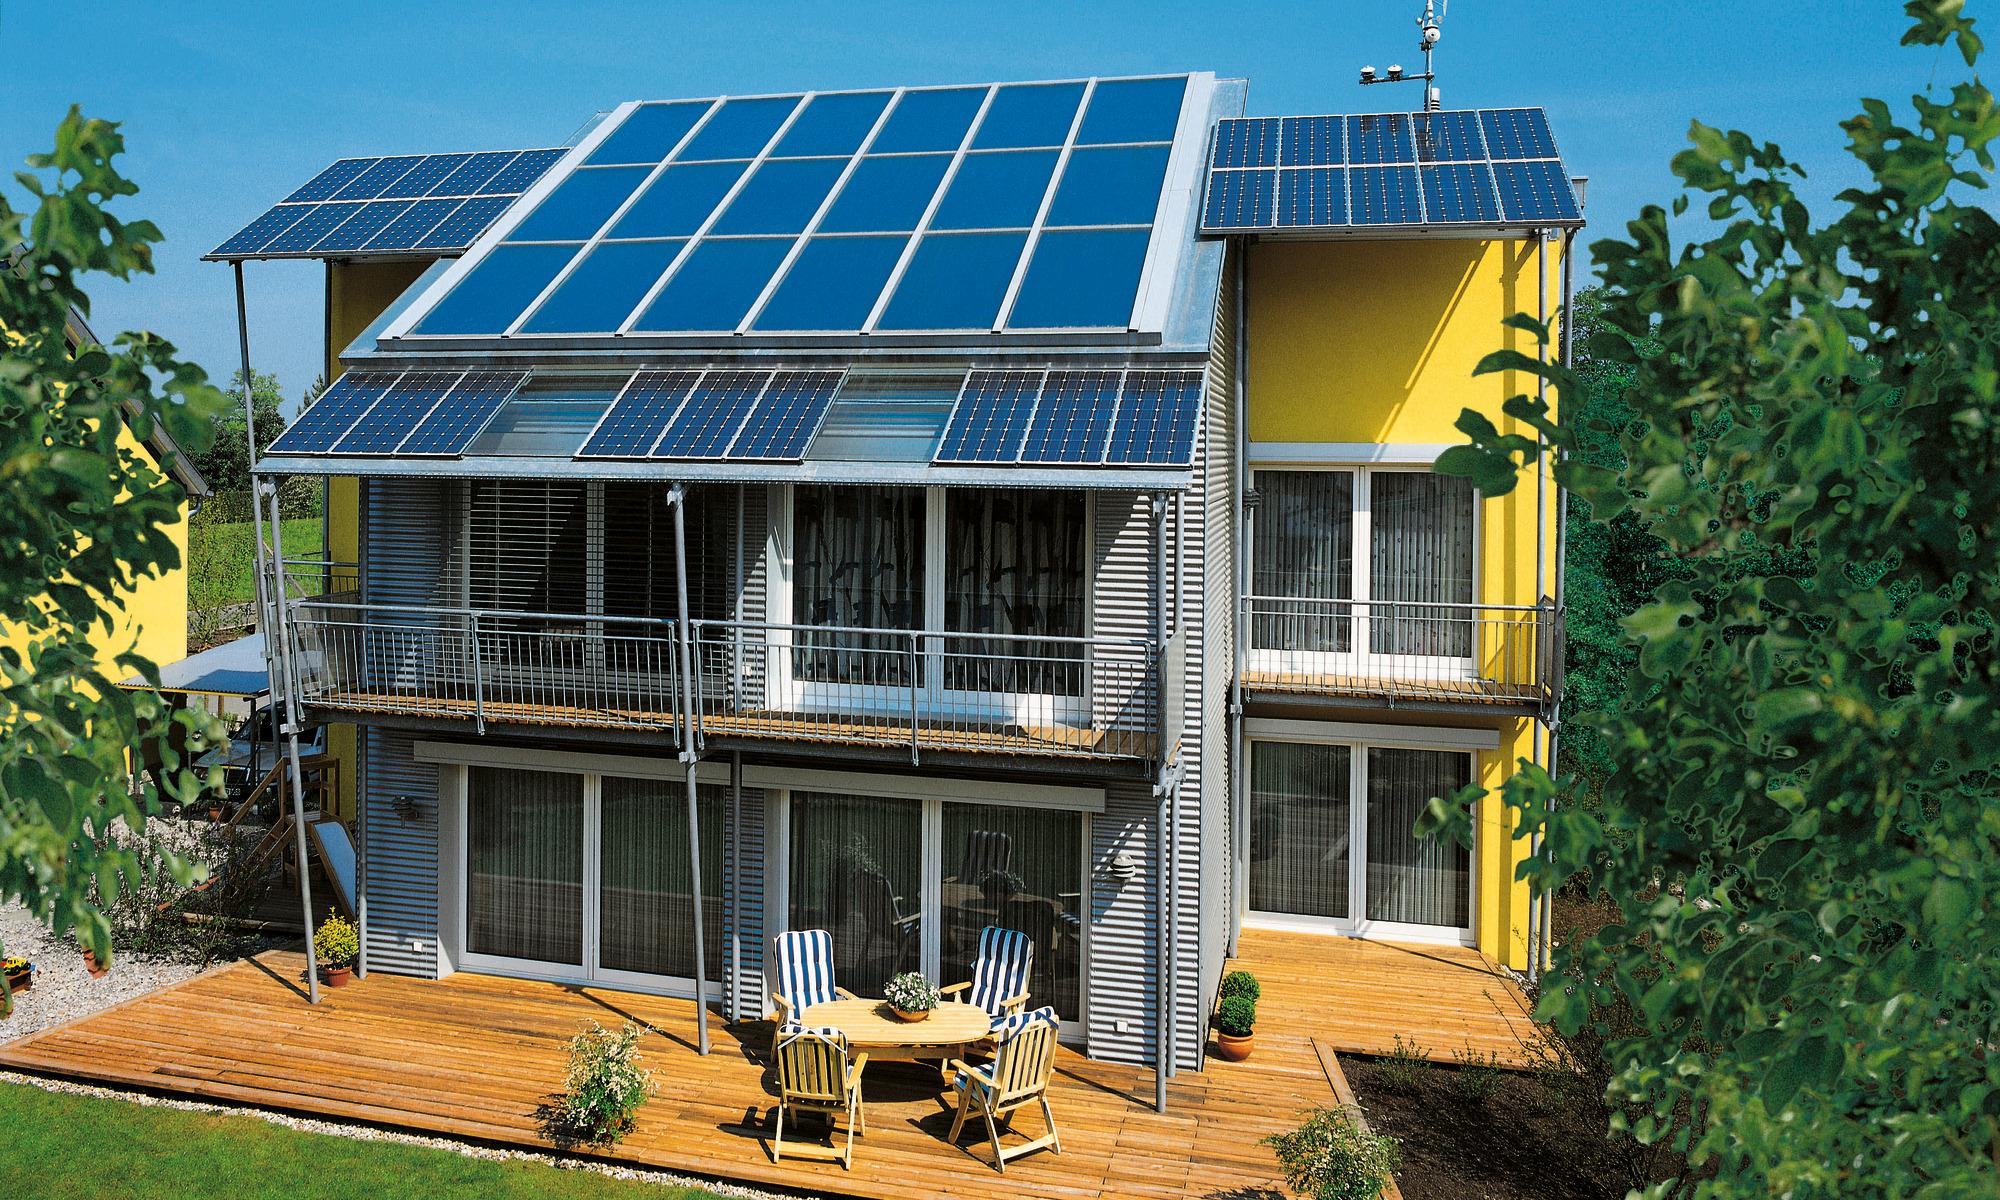 Null-Heizenergie-Haus; Photovoltaikanlage; PV-Anlage